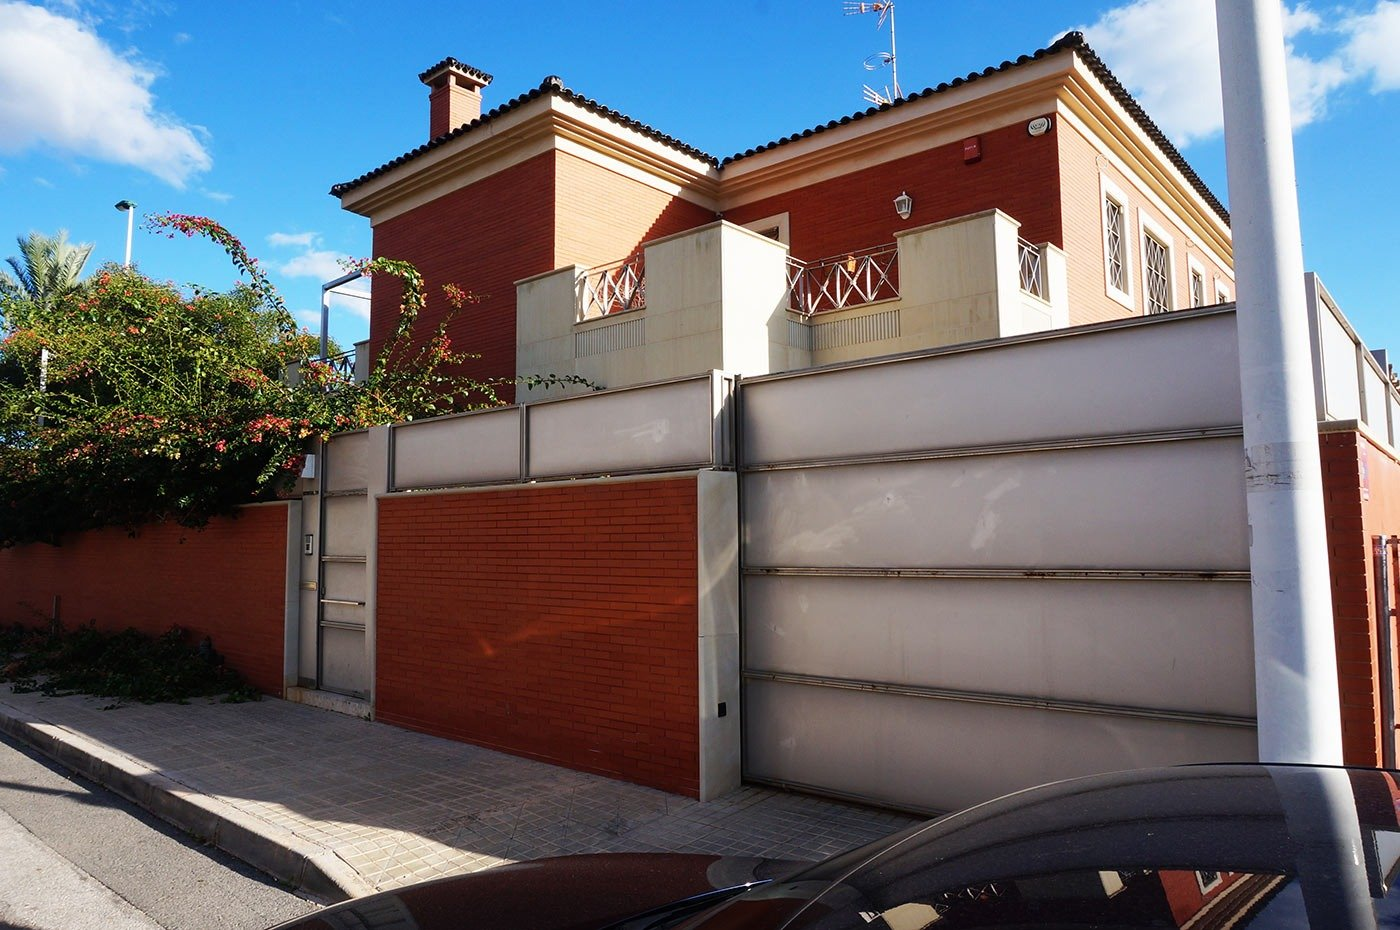 House for sale in Torreta - Portalada, Elche